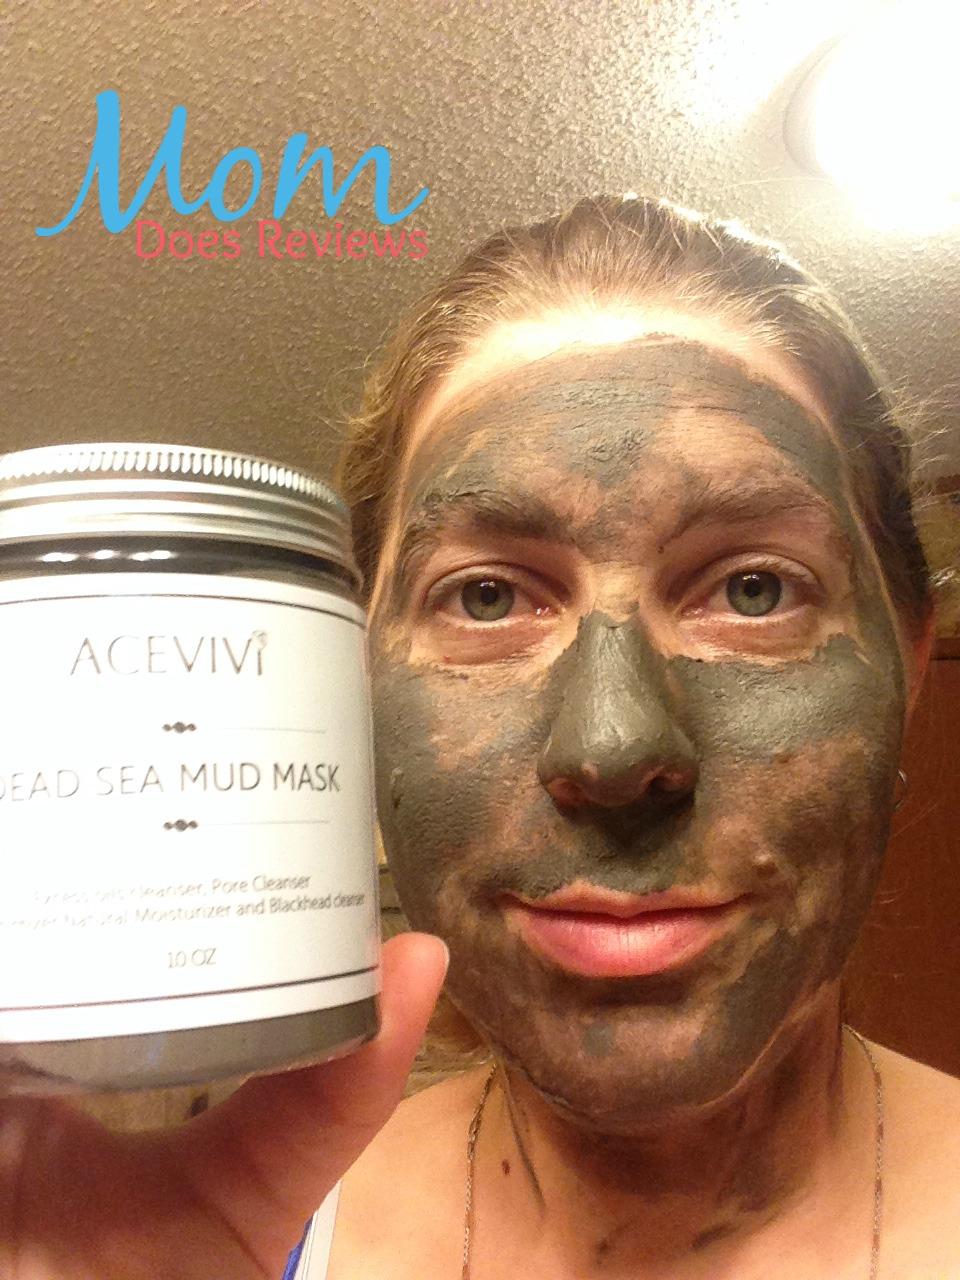 acevivi mud mask